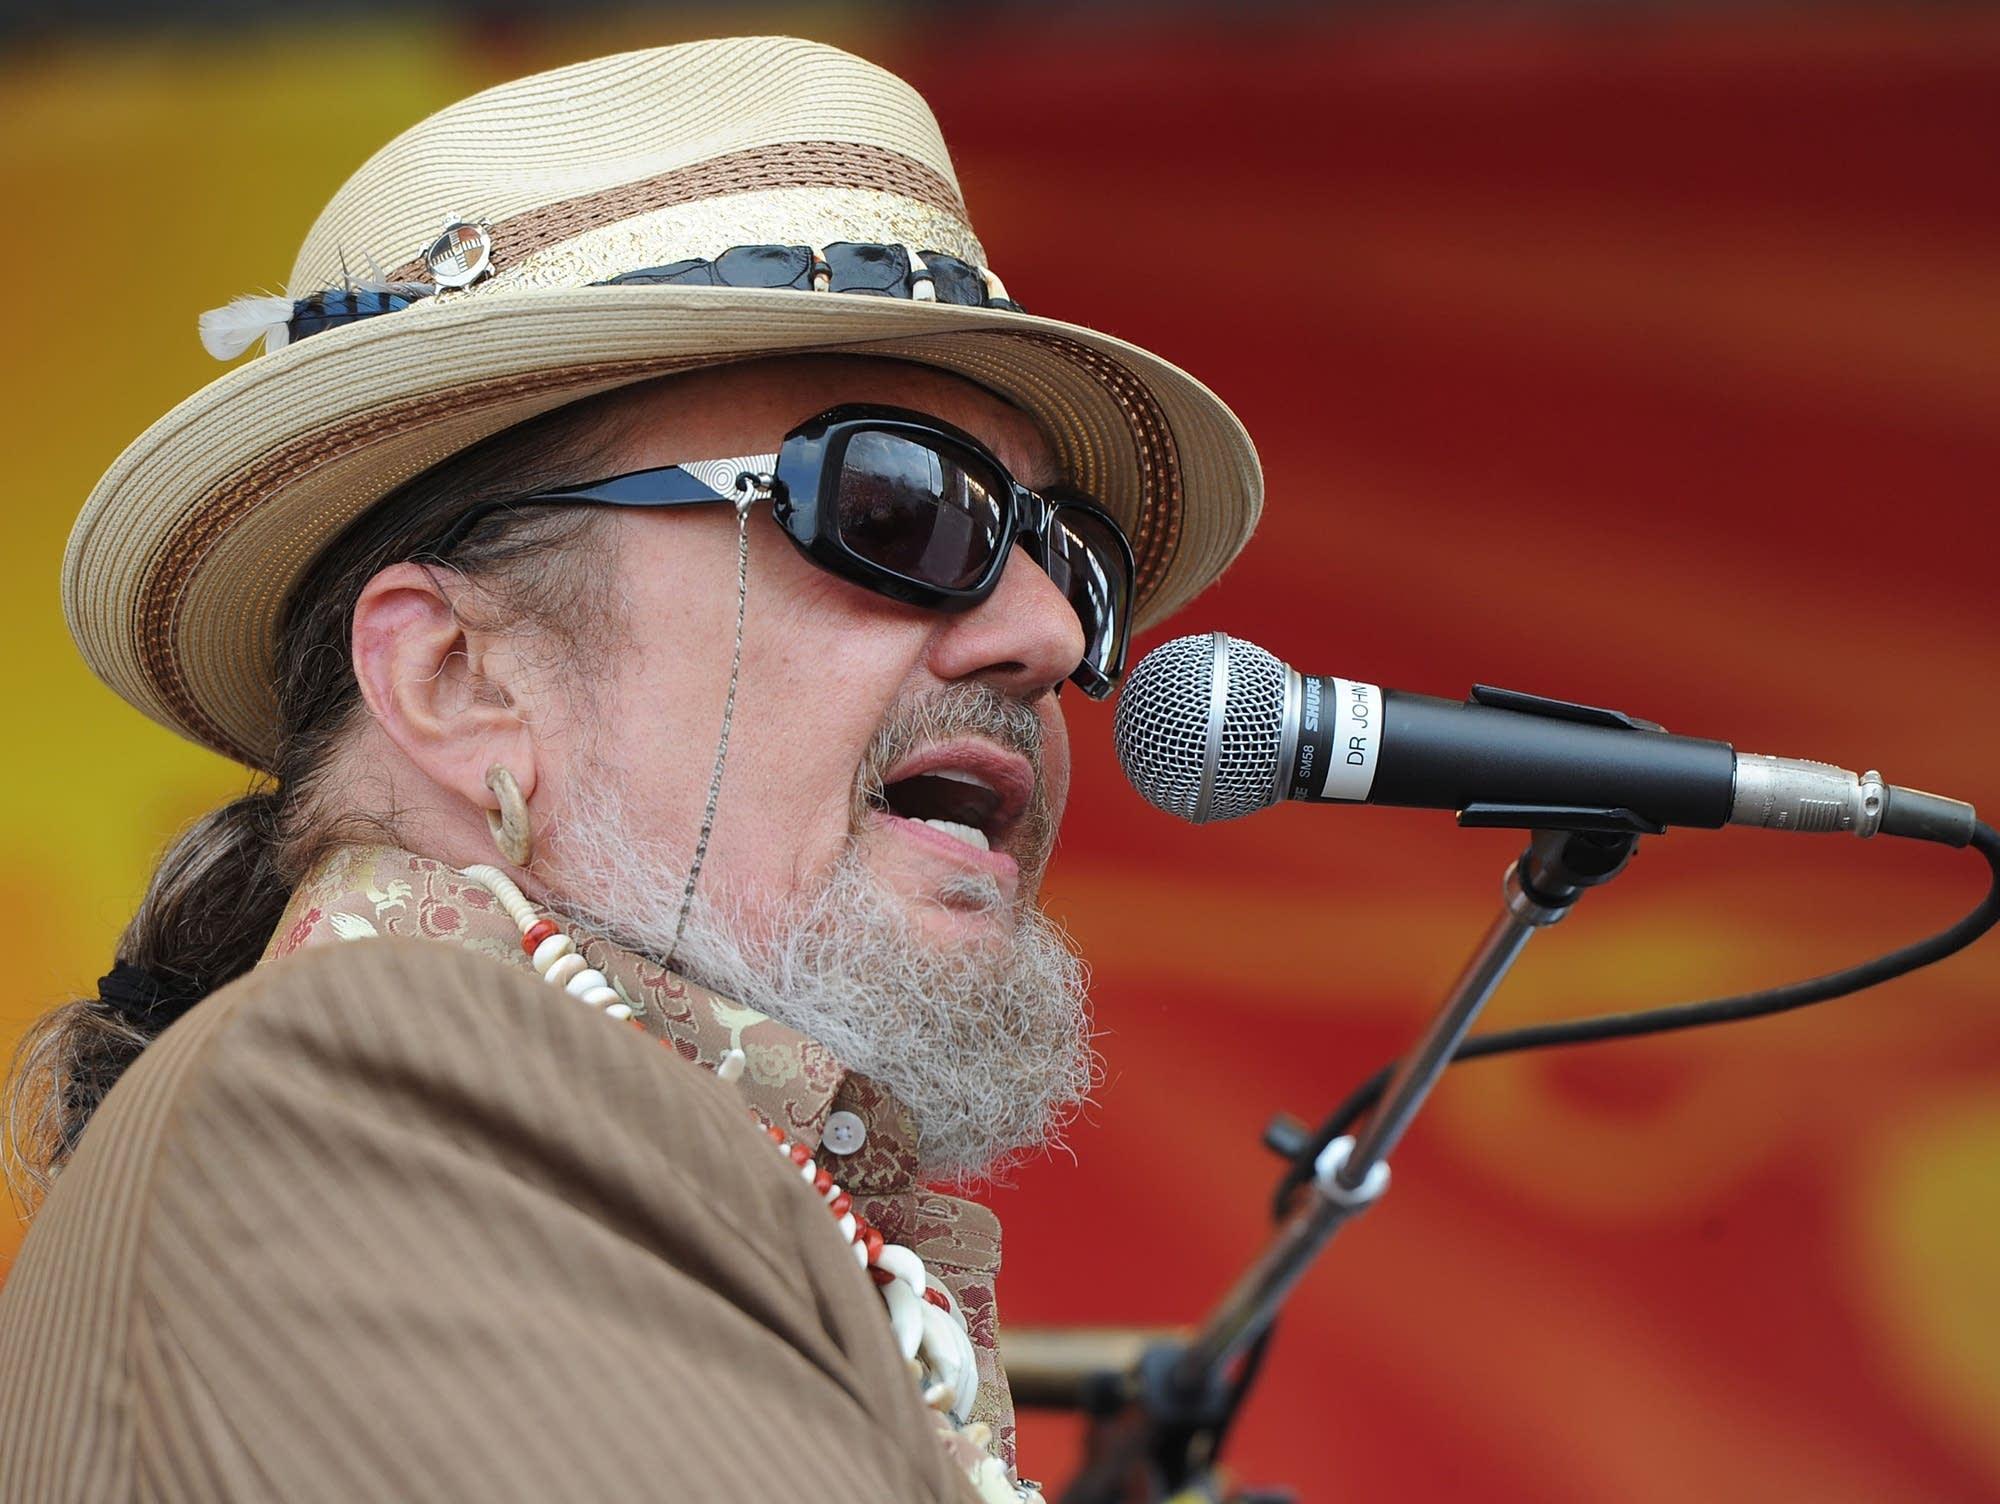 New Orleans music legend Dr. John